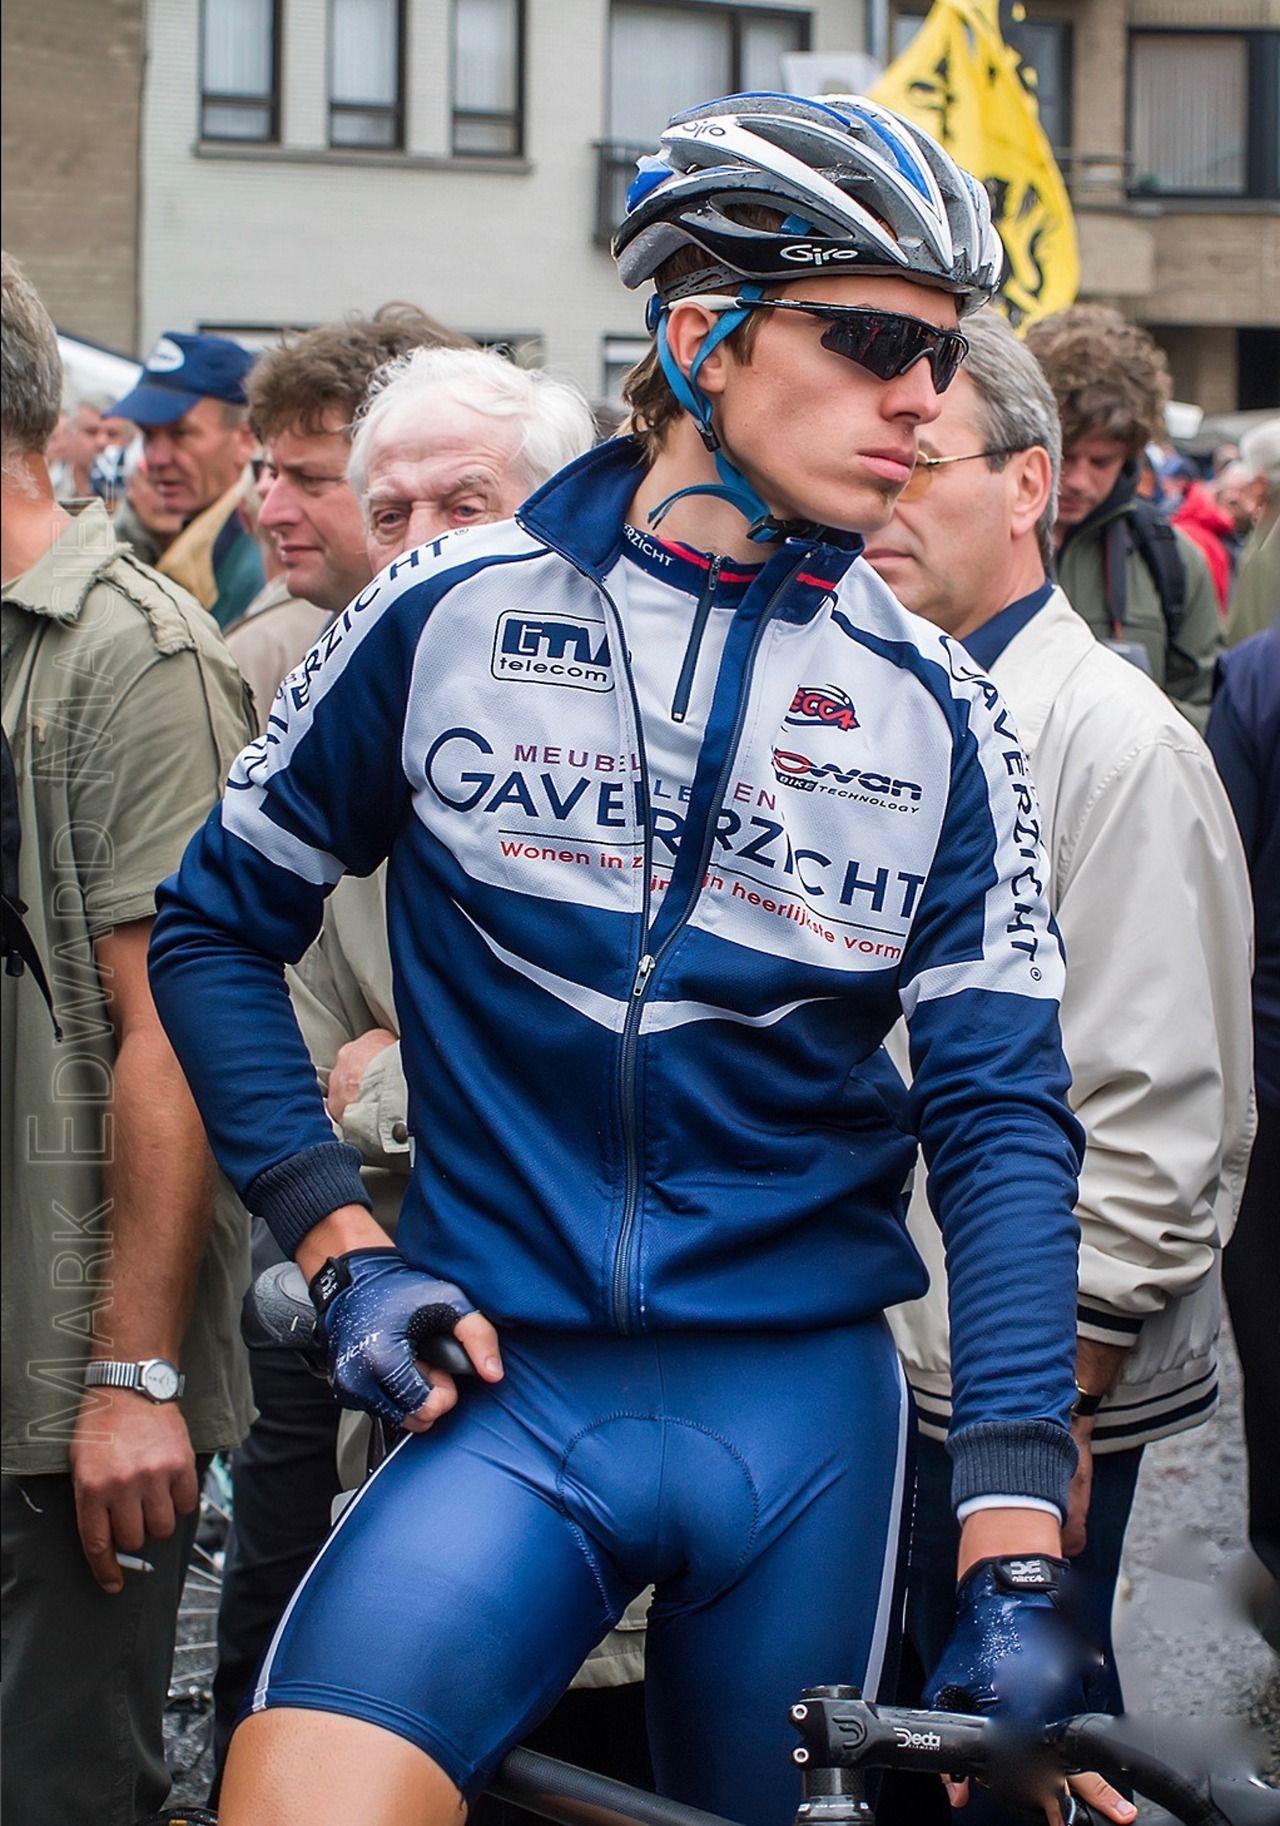 Hot Male Cyclists  e5c81fee7